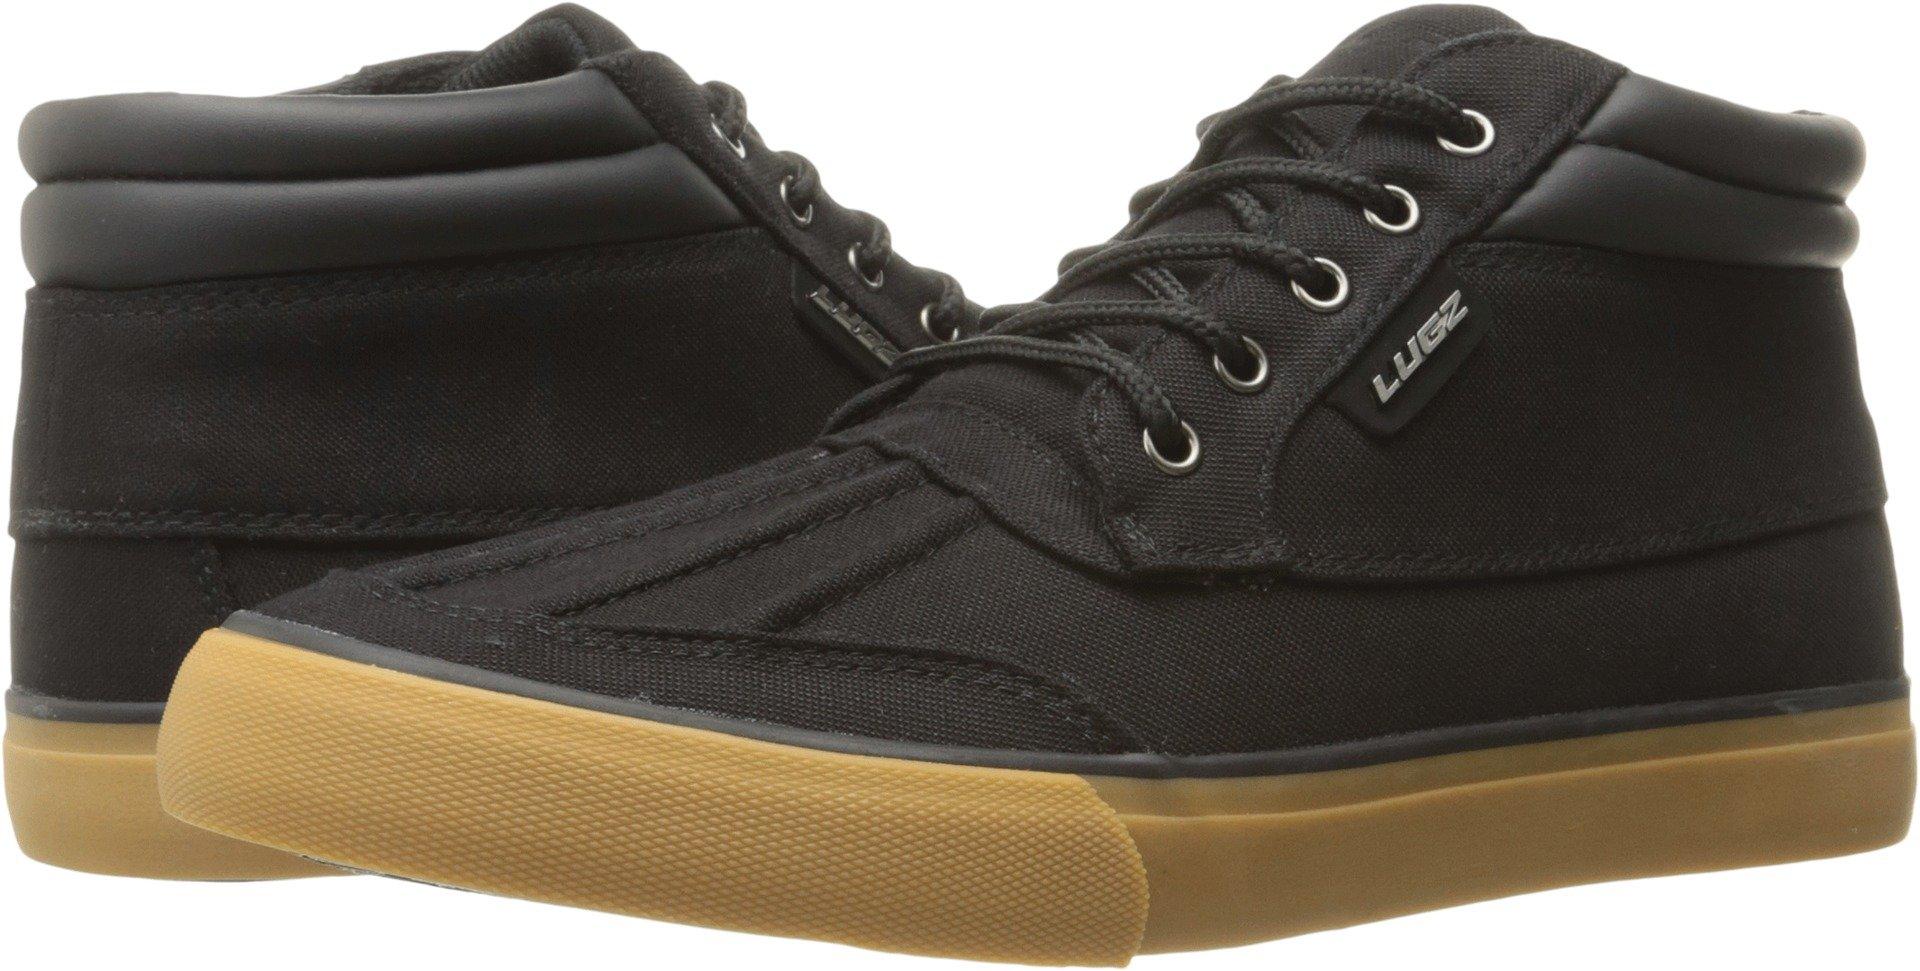 Lugz Men's Boomer Fashion Sneaker, Black/Gum, 10.5 M US